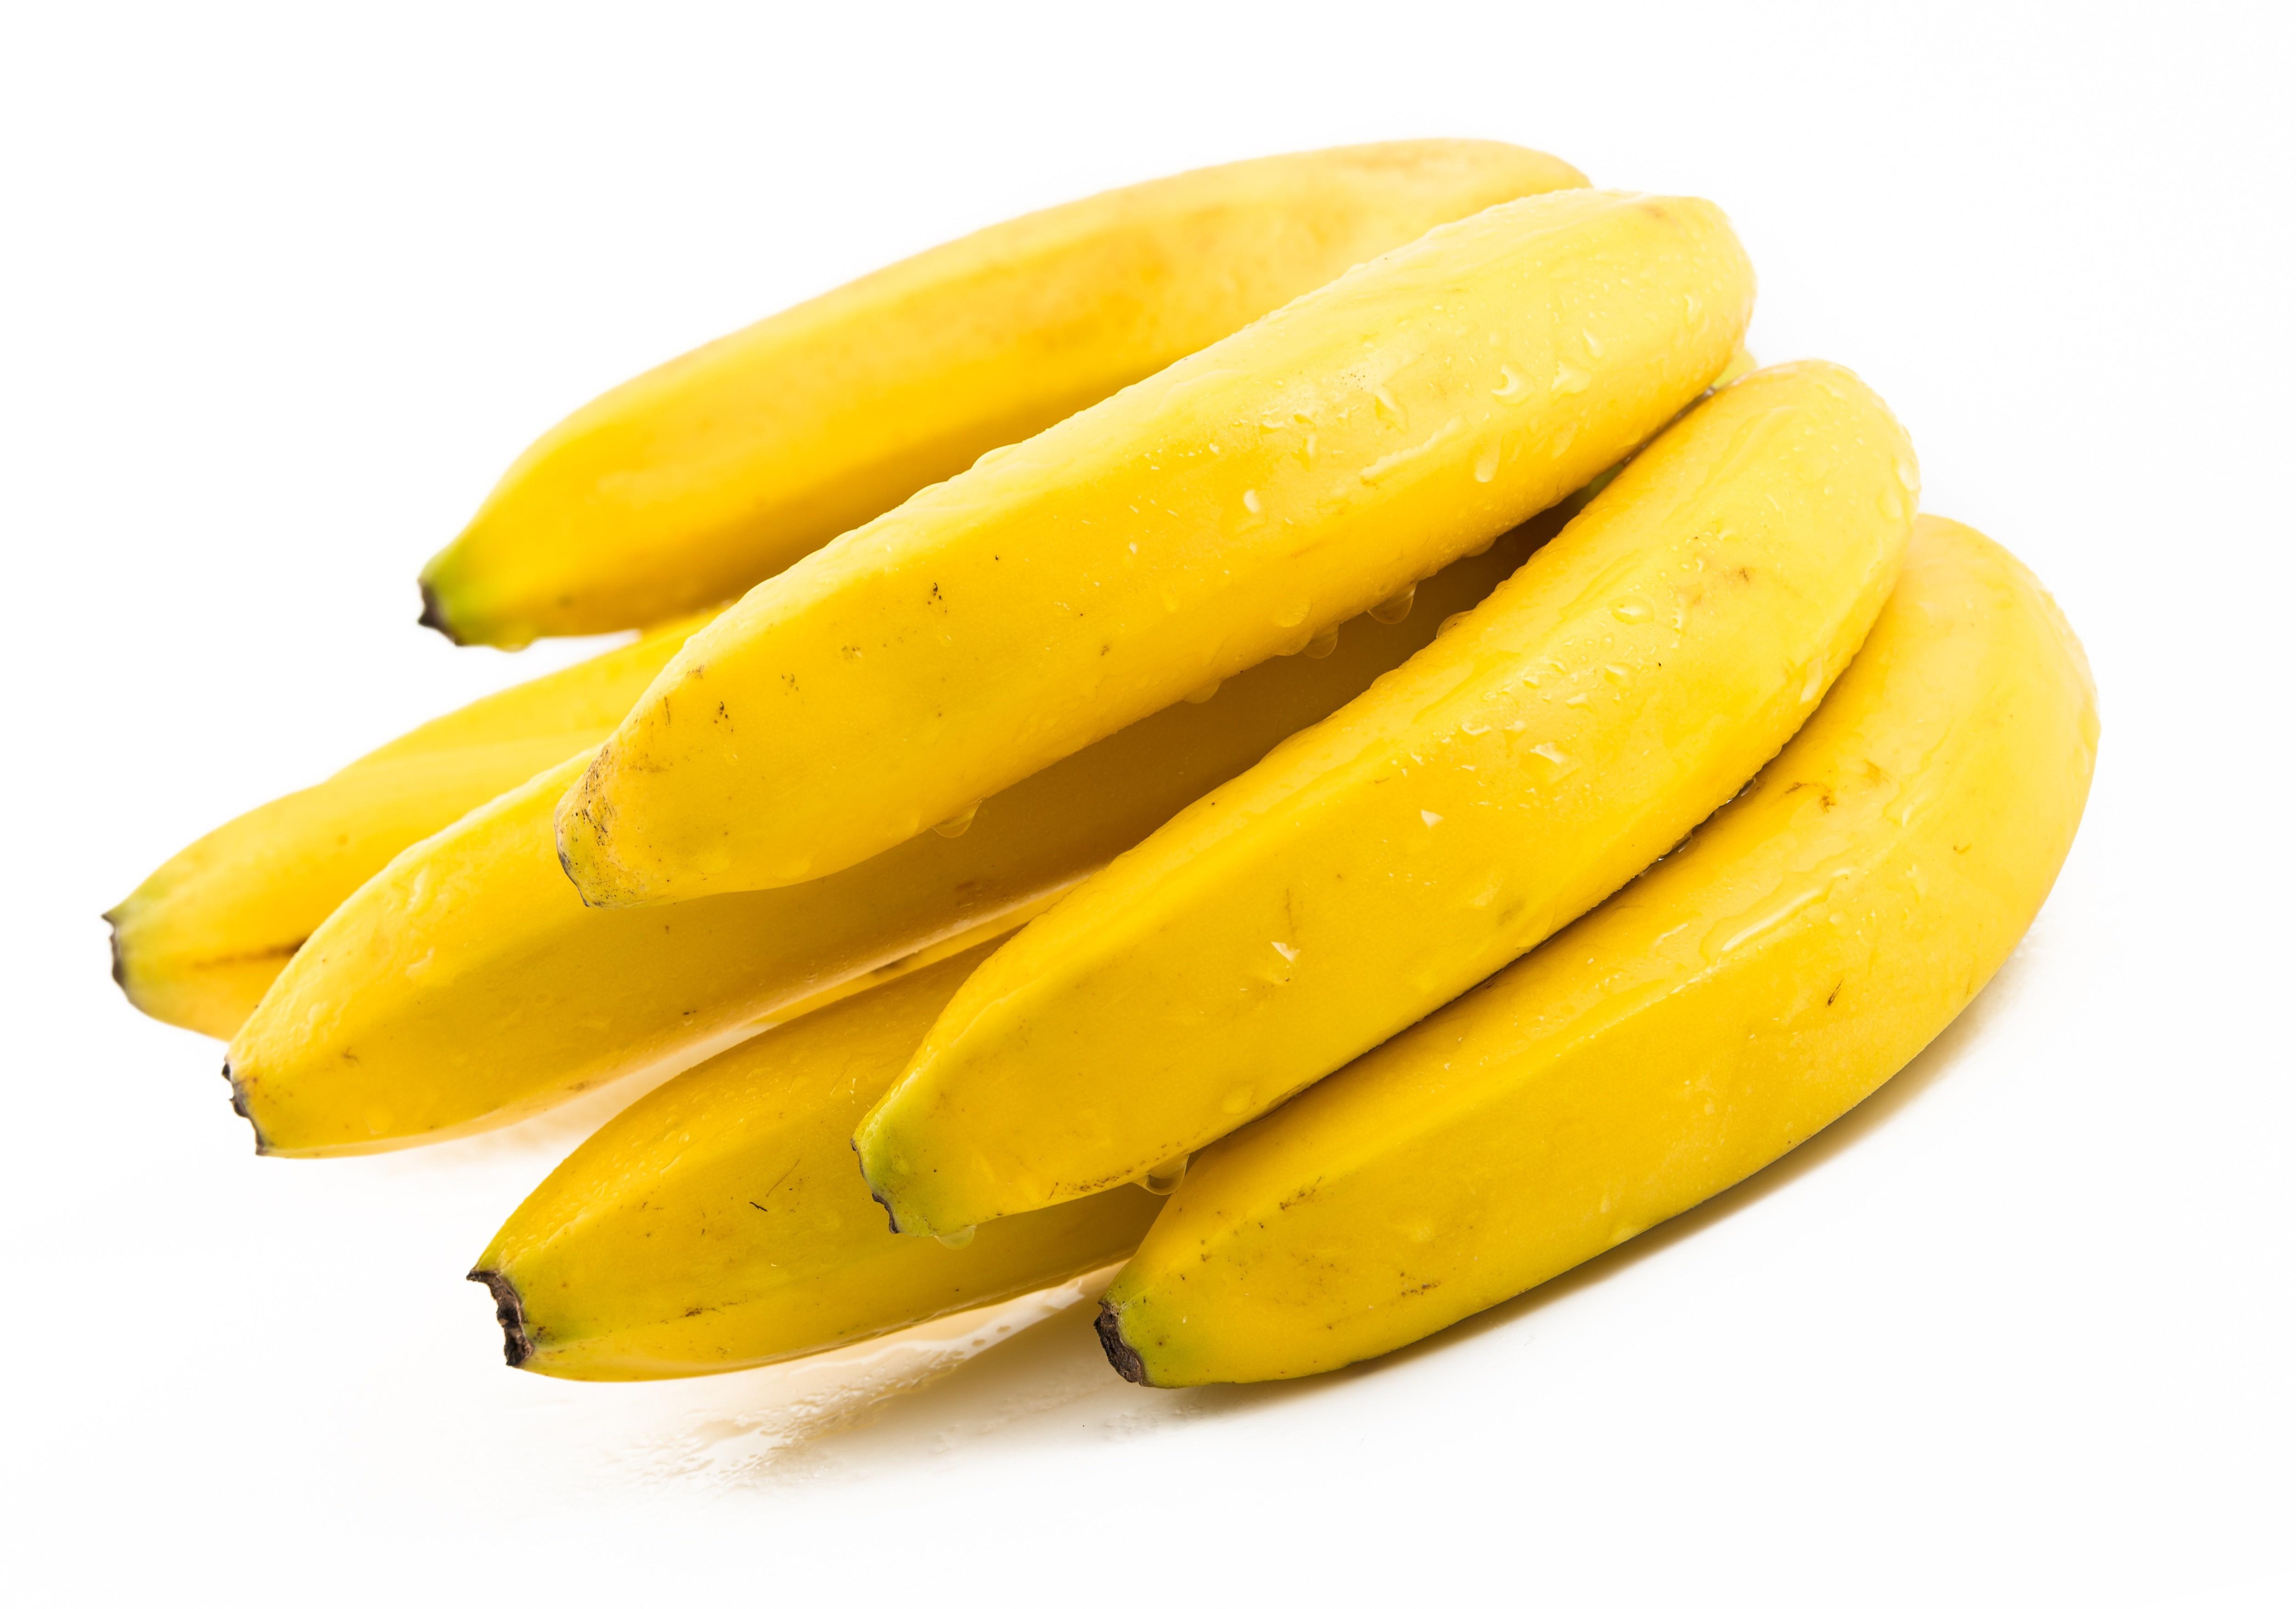 Cum sa iti albesti dintii folosind coaja de banana, in doar 14 zile. Metoda care a devenit un trend pe internet